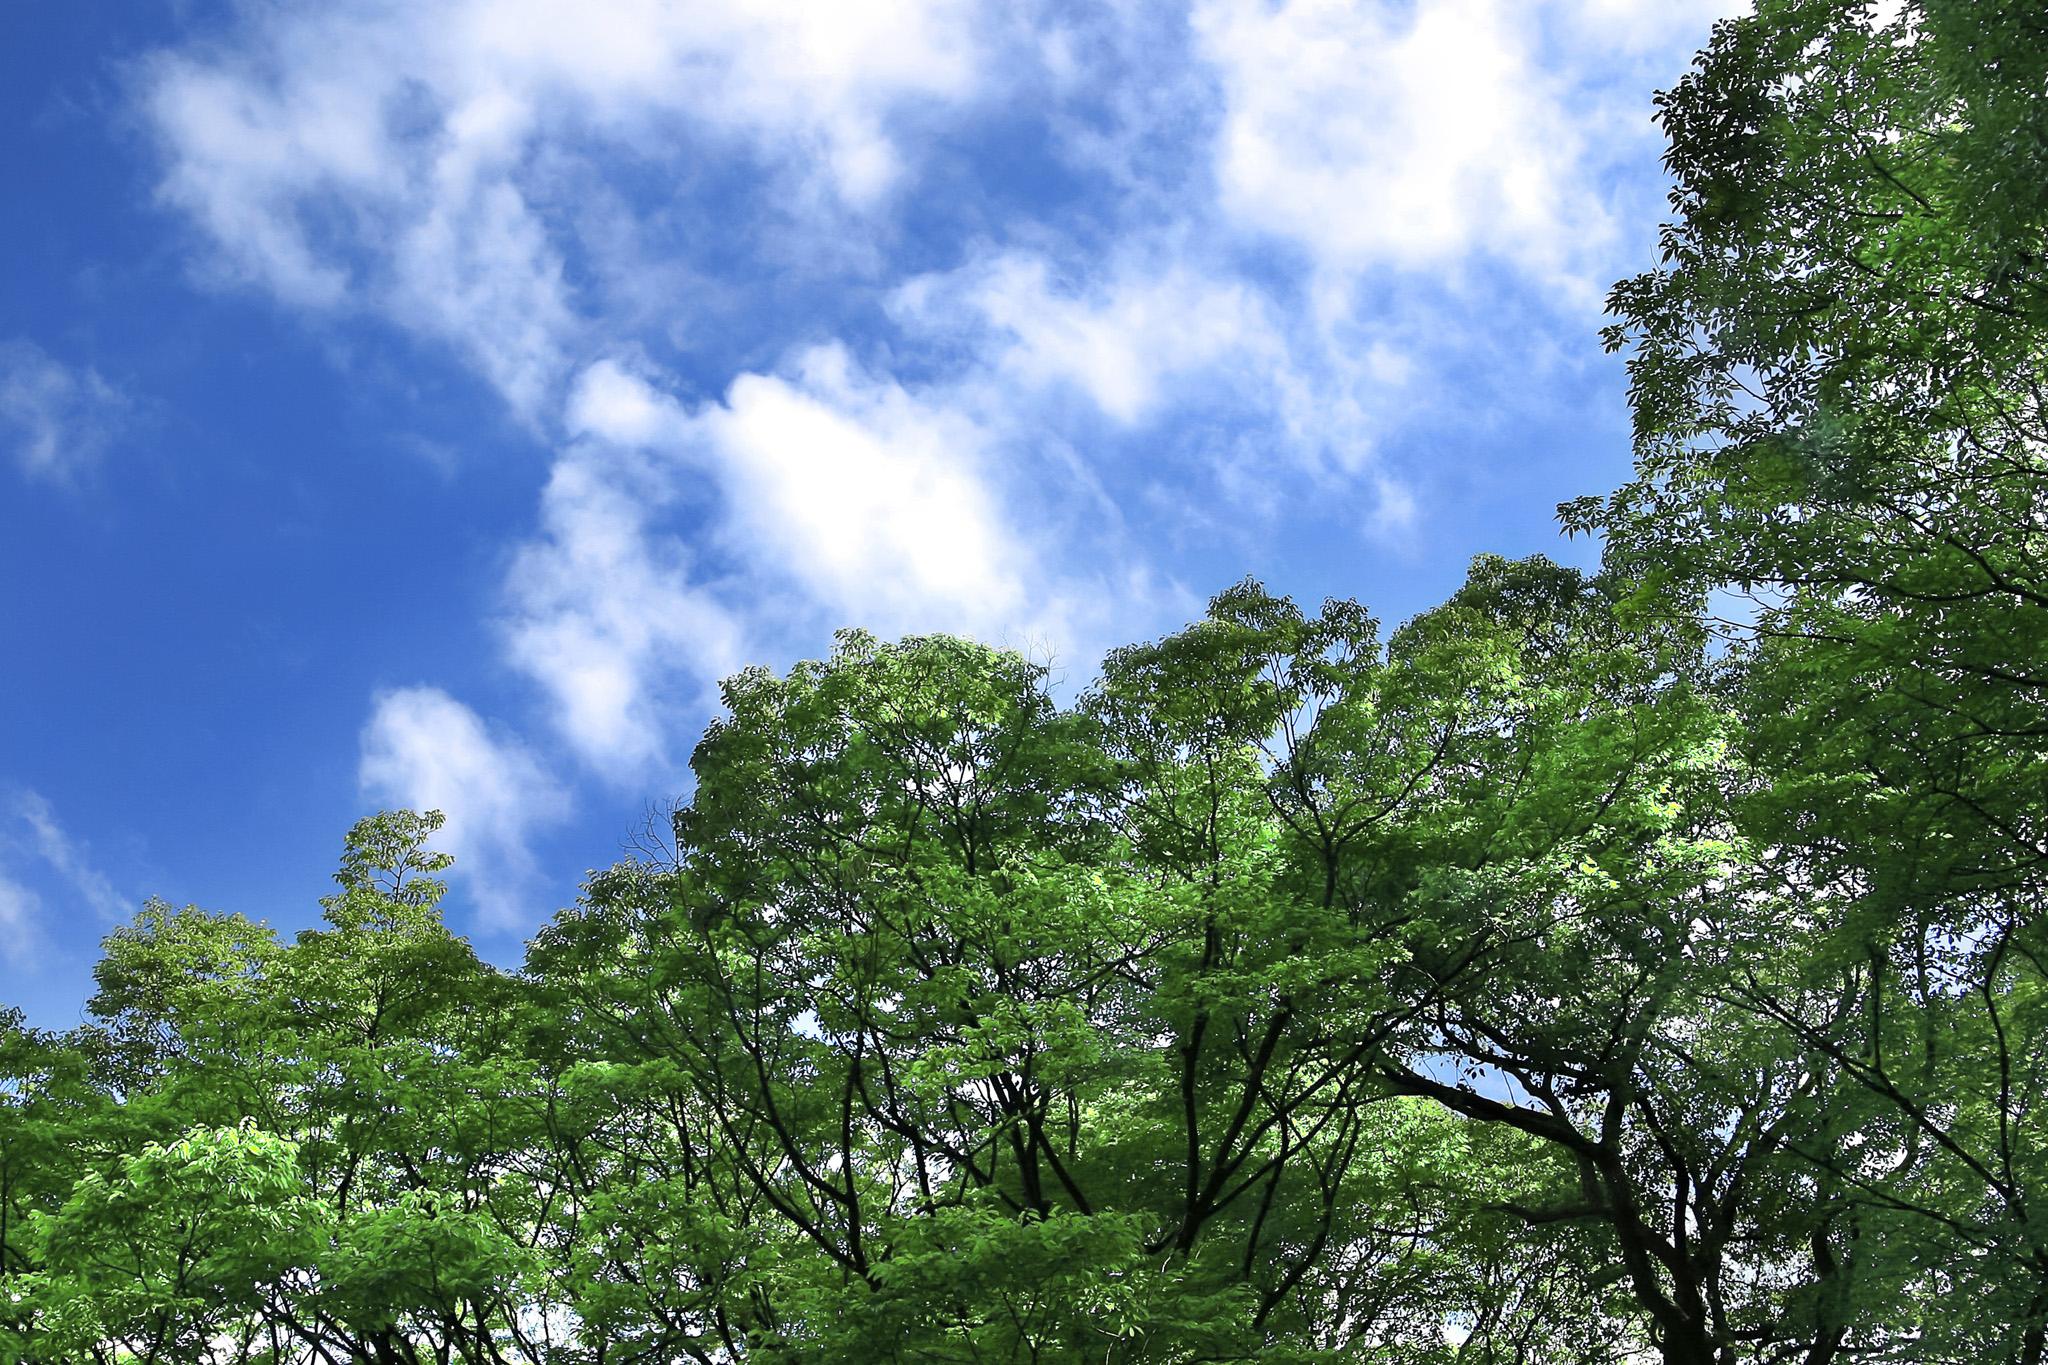 「青空と緑のコントラスト」